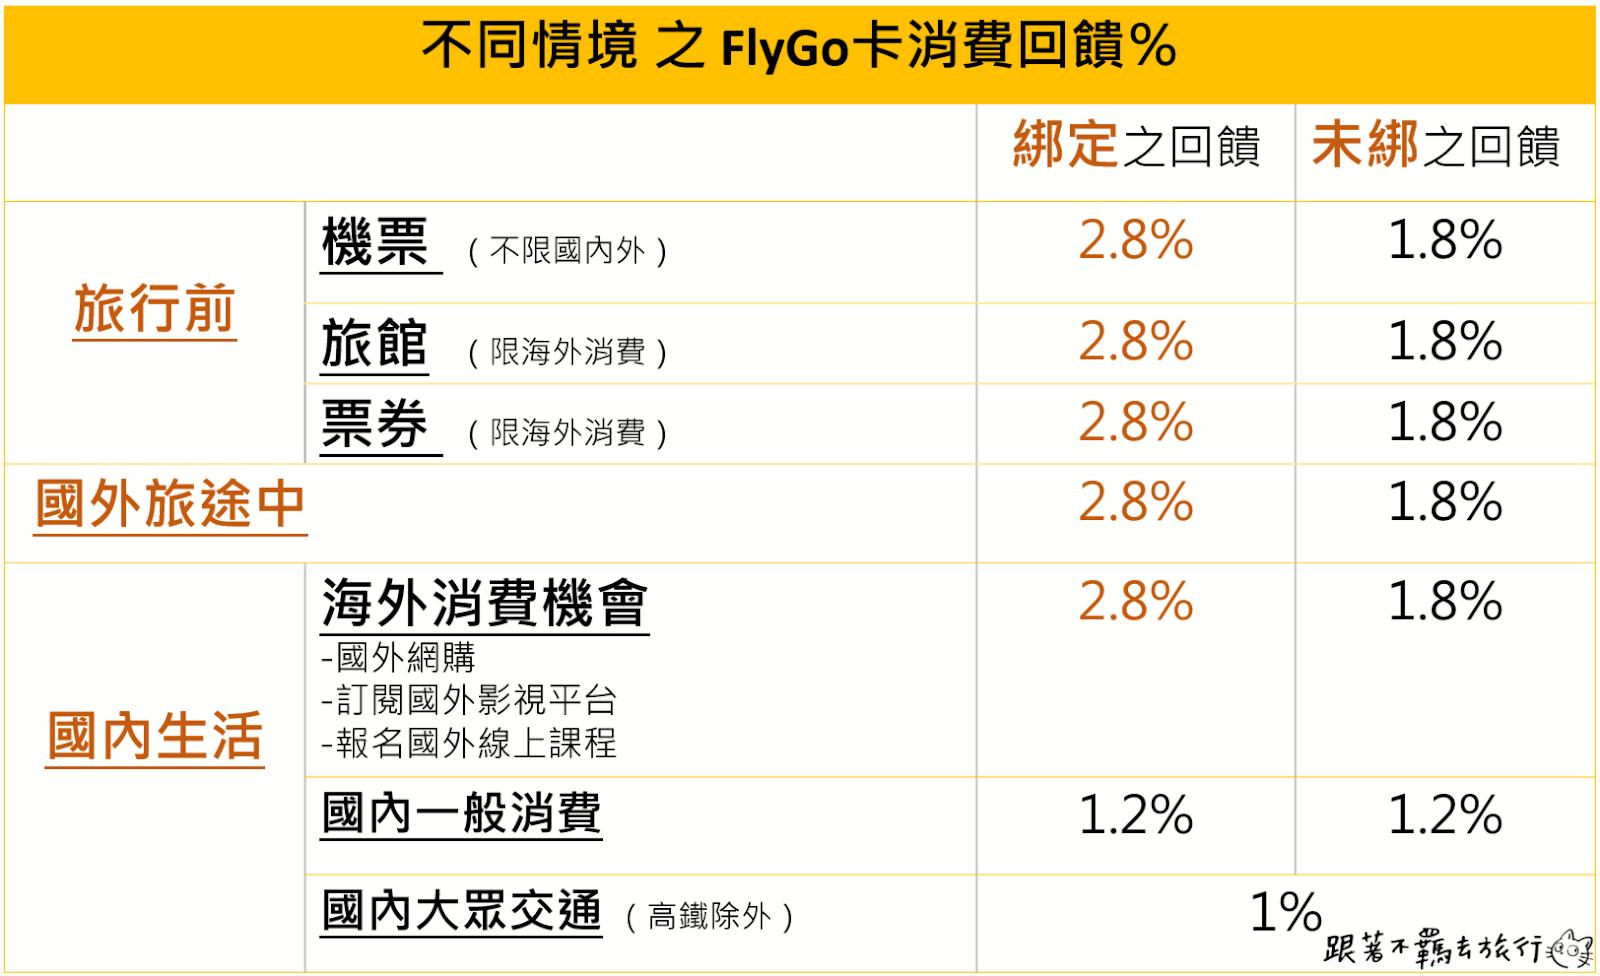 國外旅遊就帶它 臺新FlyGo飛狗卡 海外2.8%現金回饋無上限信用卡 - 跟著不羈去旅行